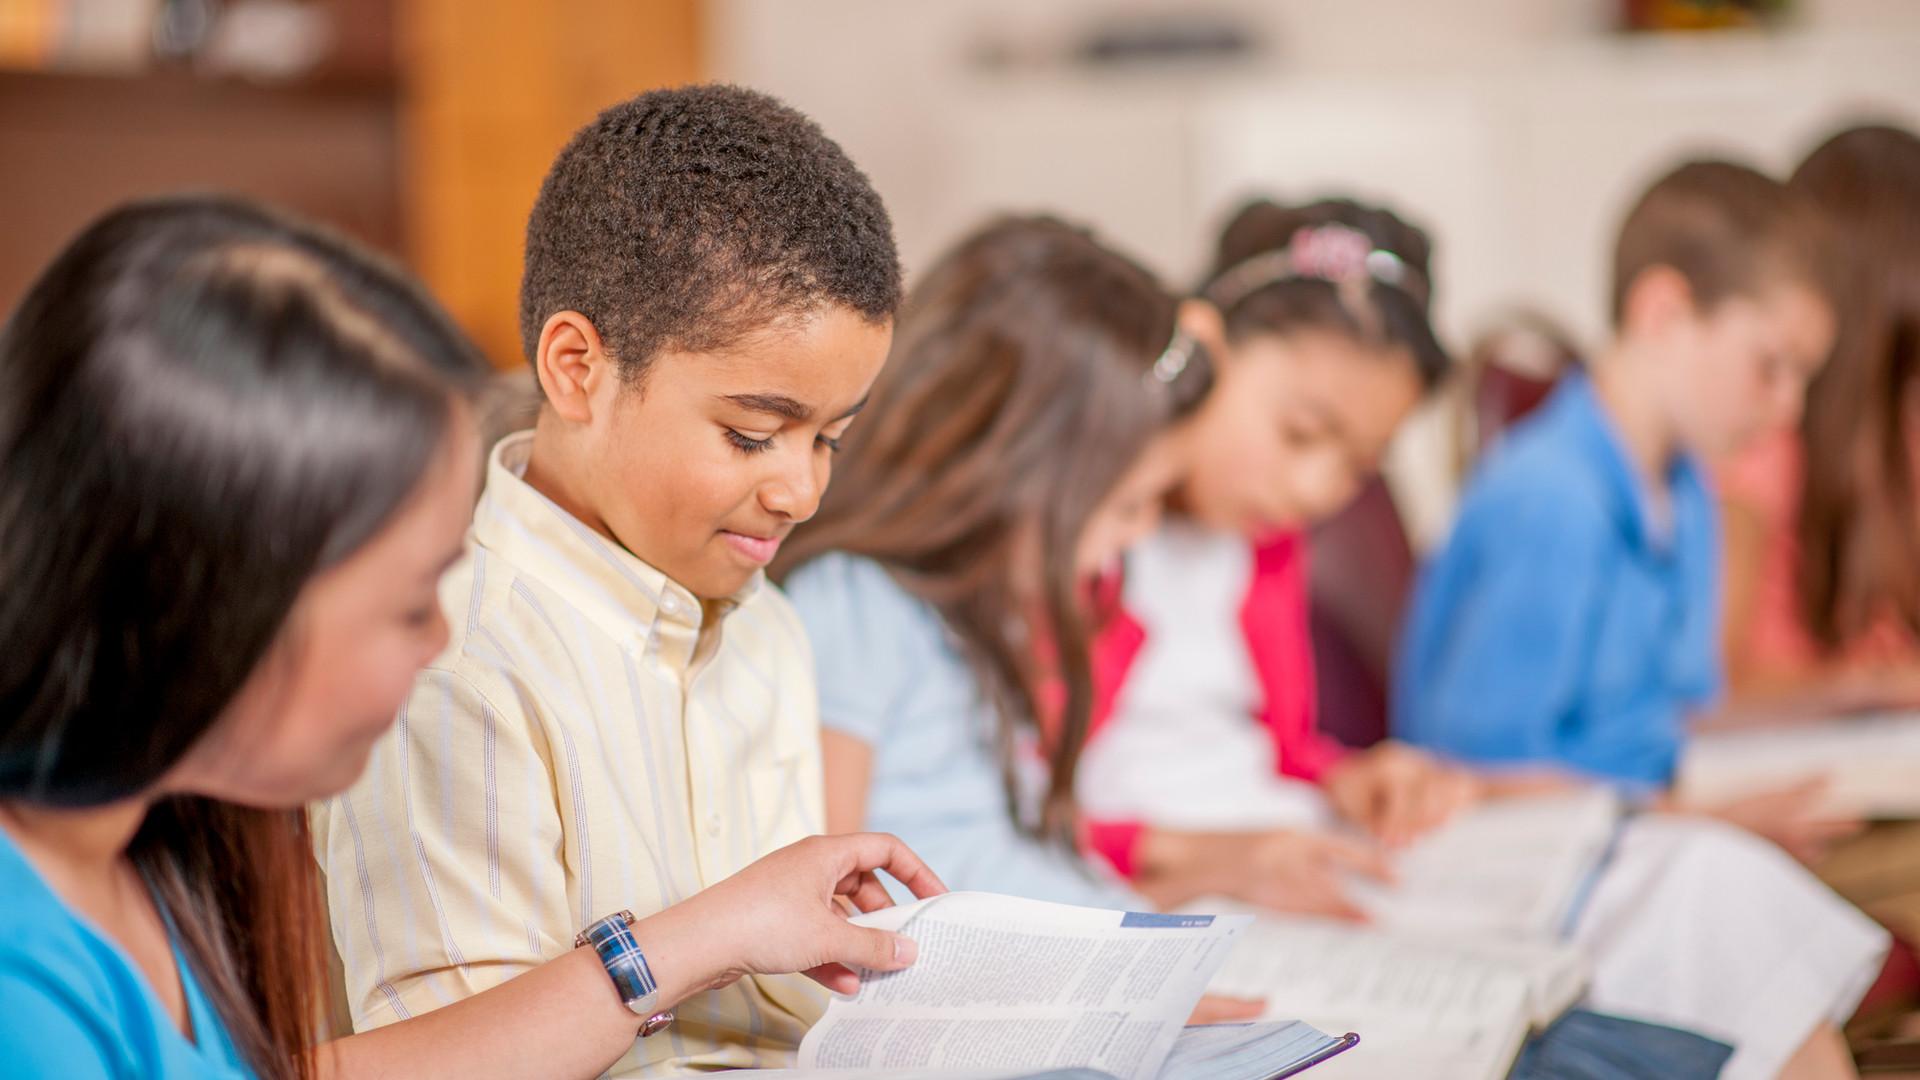 Children-Reading-Scripture-Together-5043